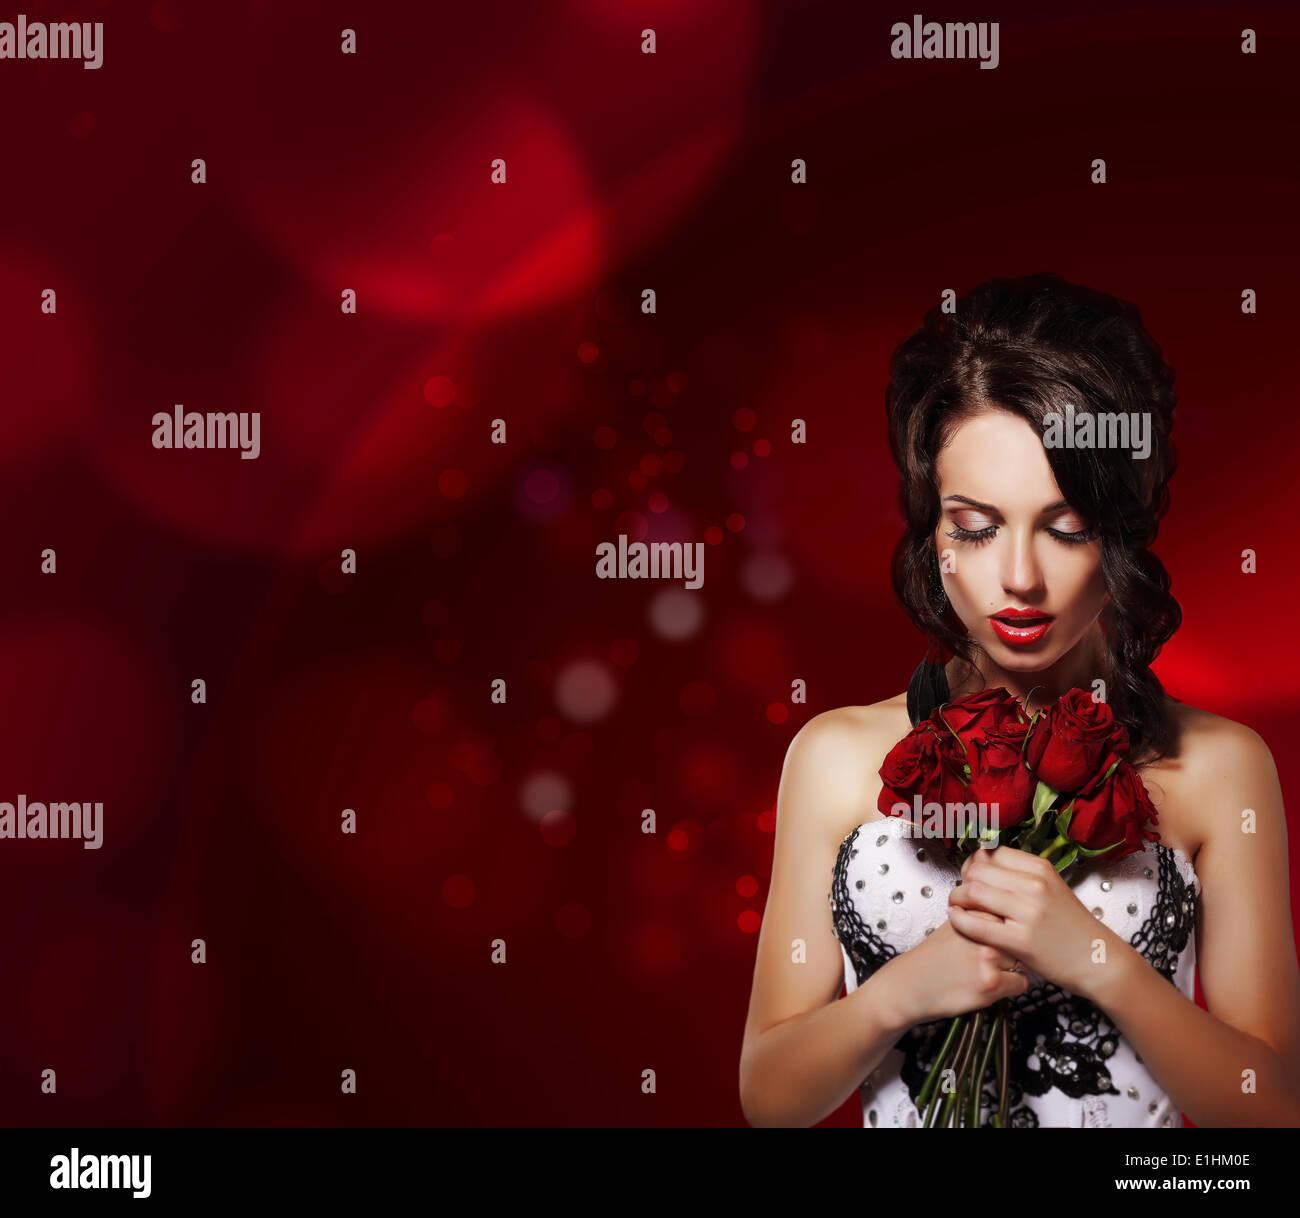 La ternura. Mujer de ensueño con bouquet de flores sobre fondo púrpura Imagen De Stock